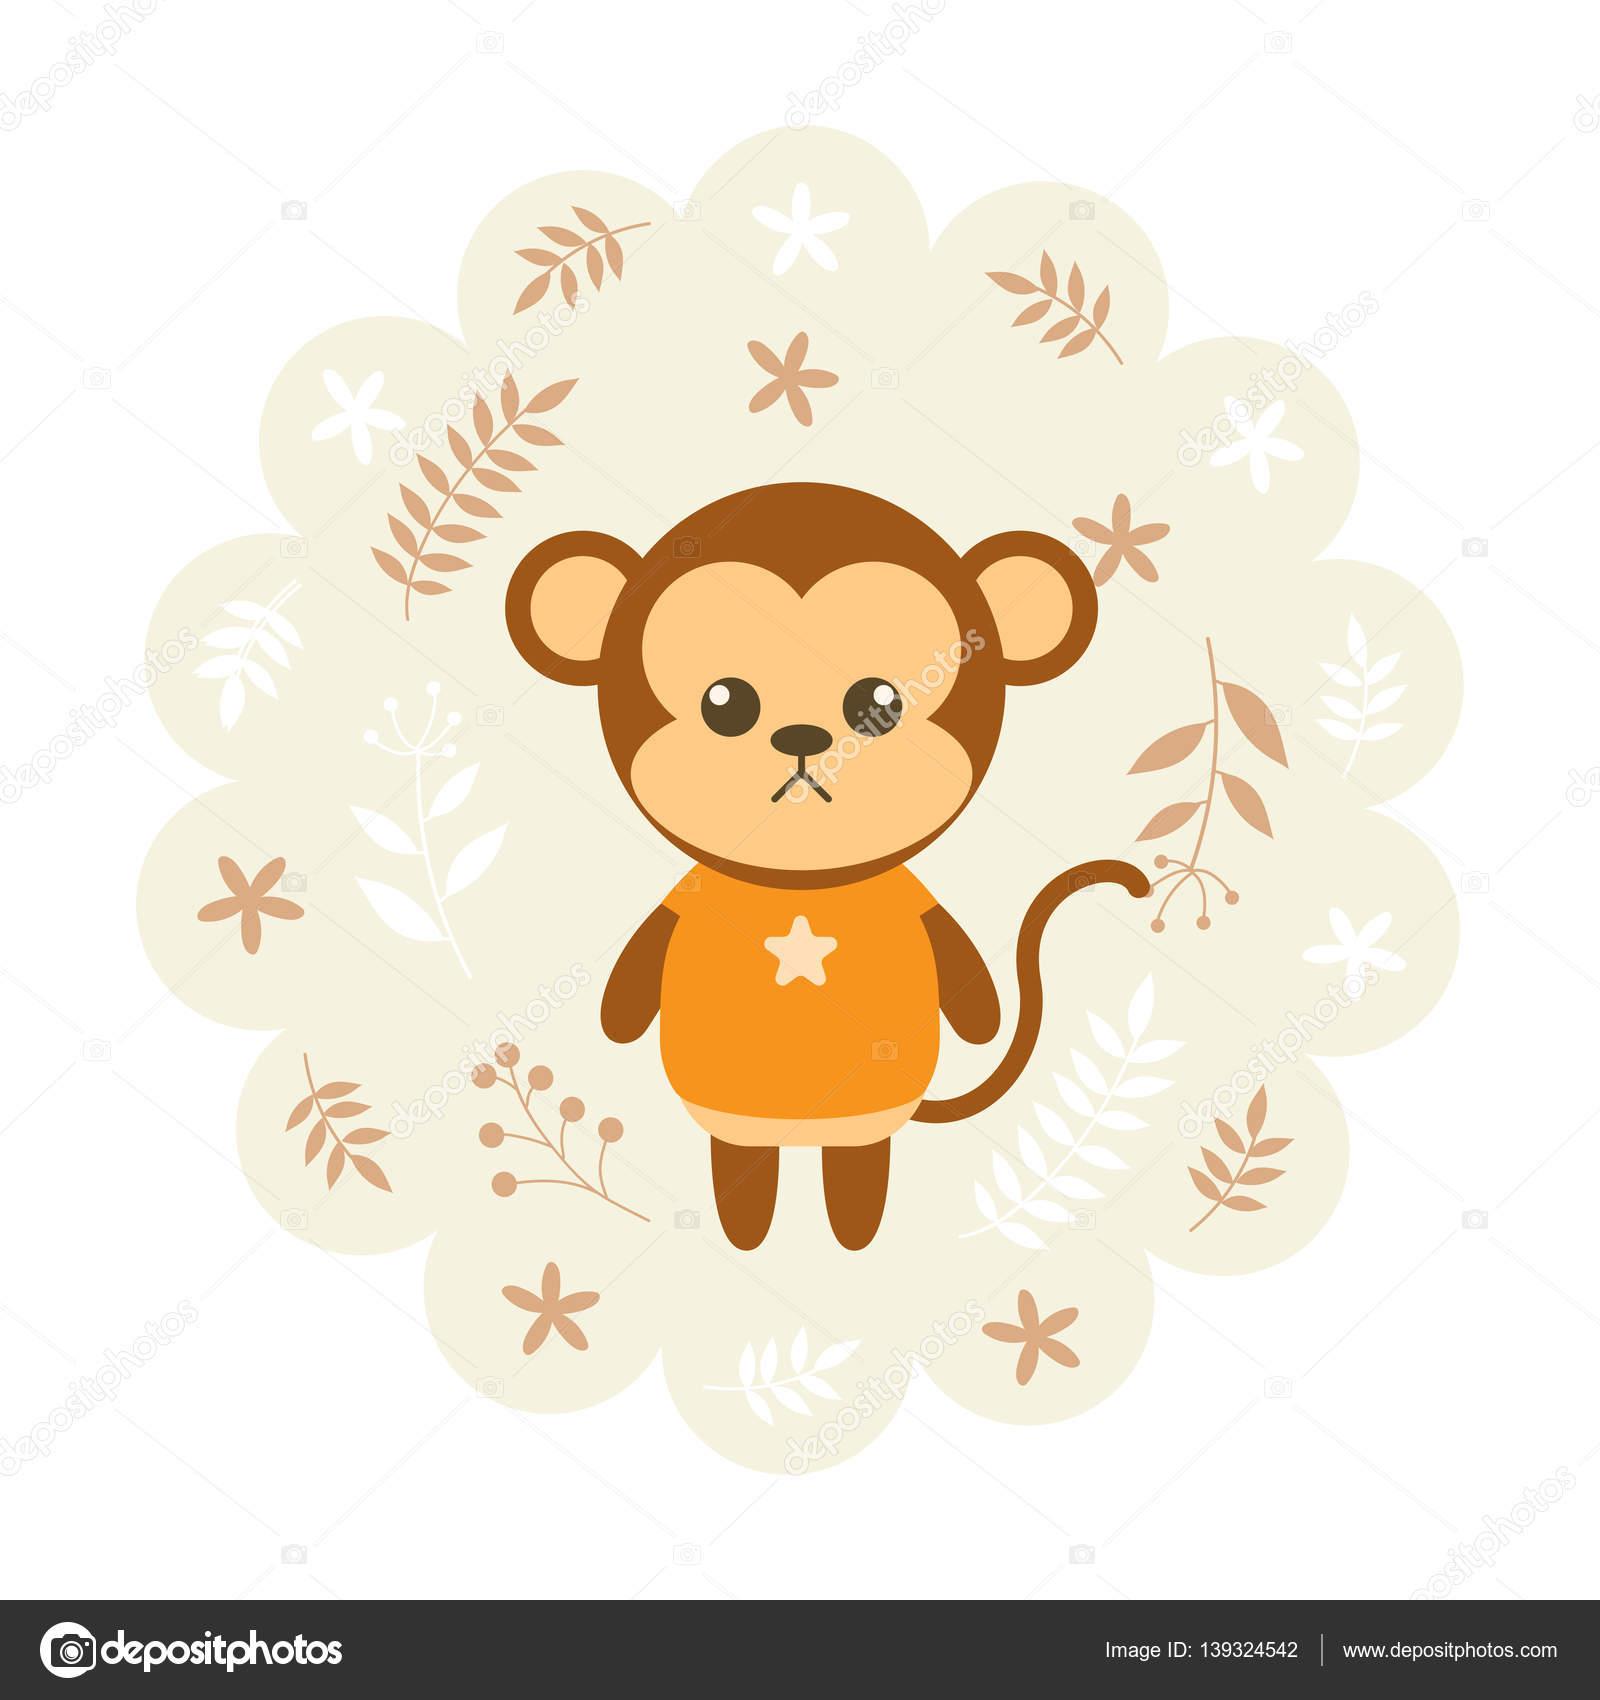 猿。ベクトル イラスト漫画、マスコット。面白い、素敵なデザイン。花の